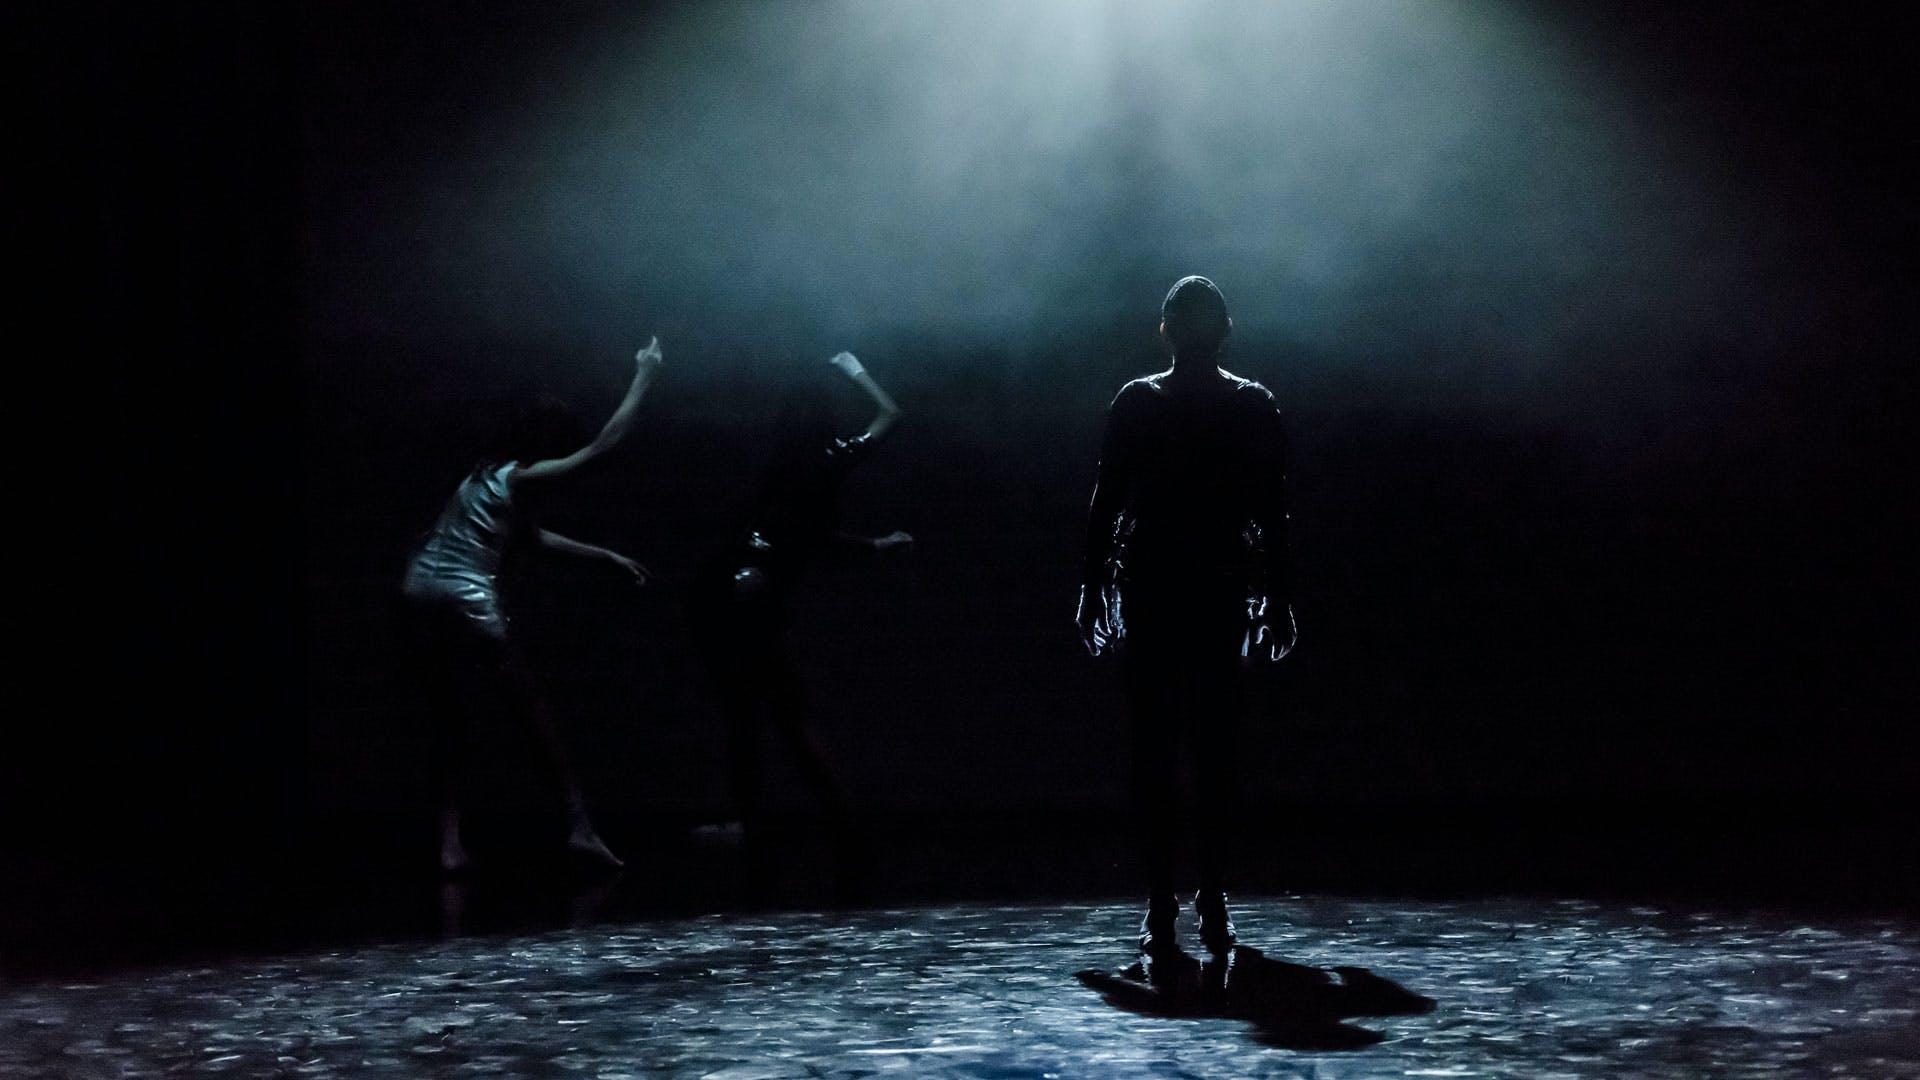 People dancing on dark stage